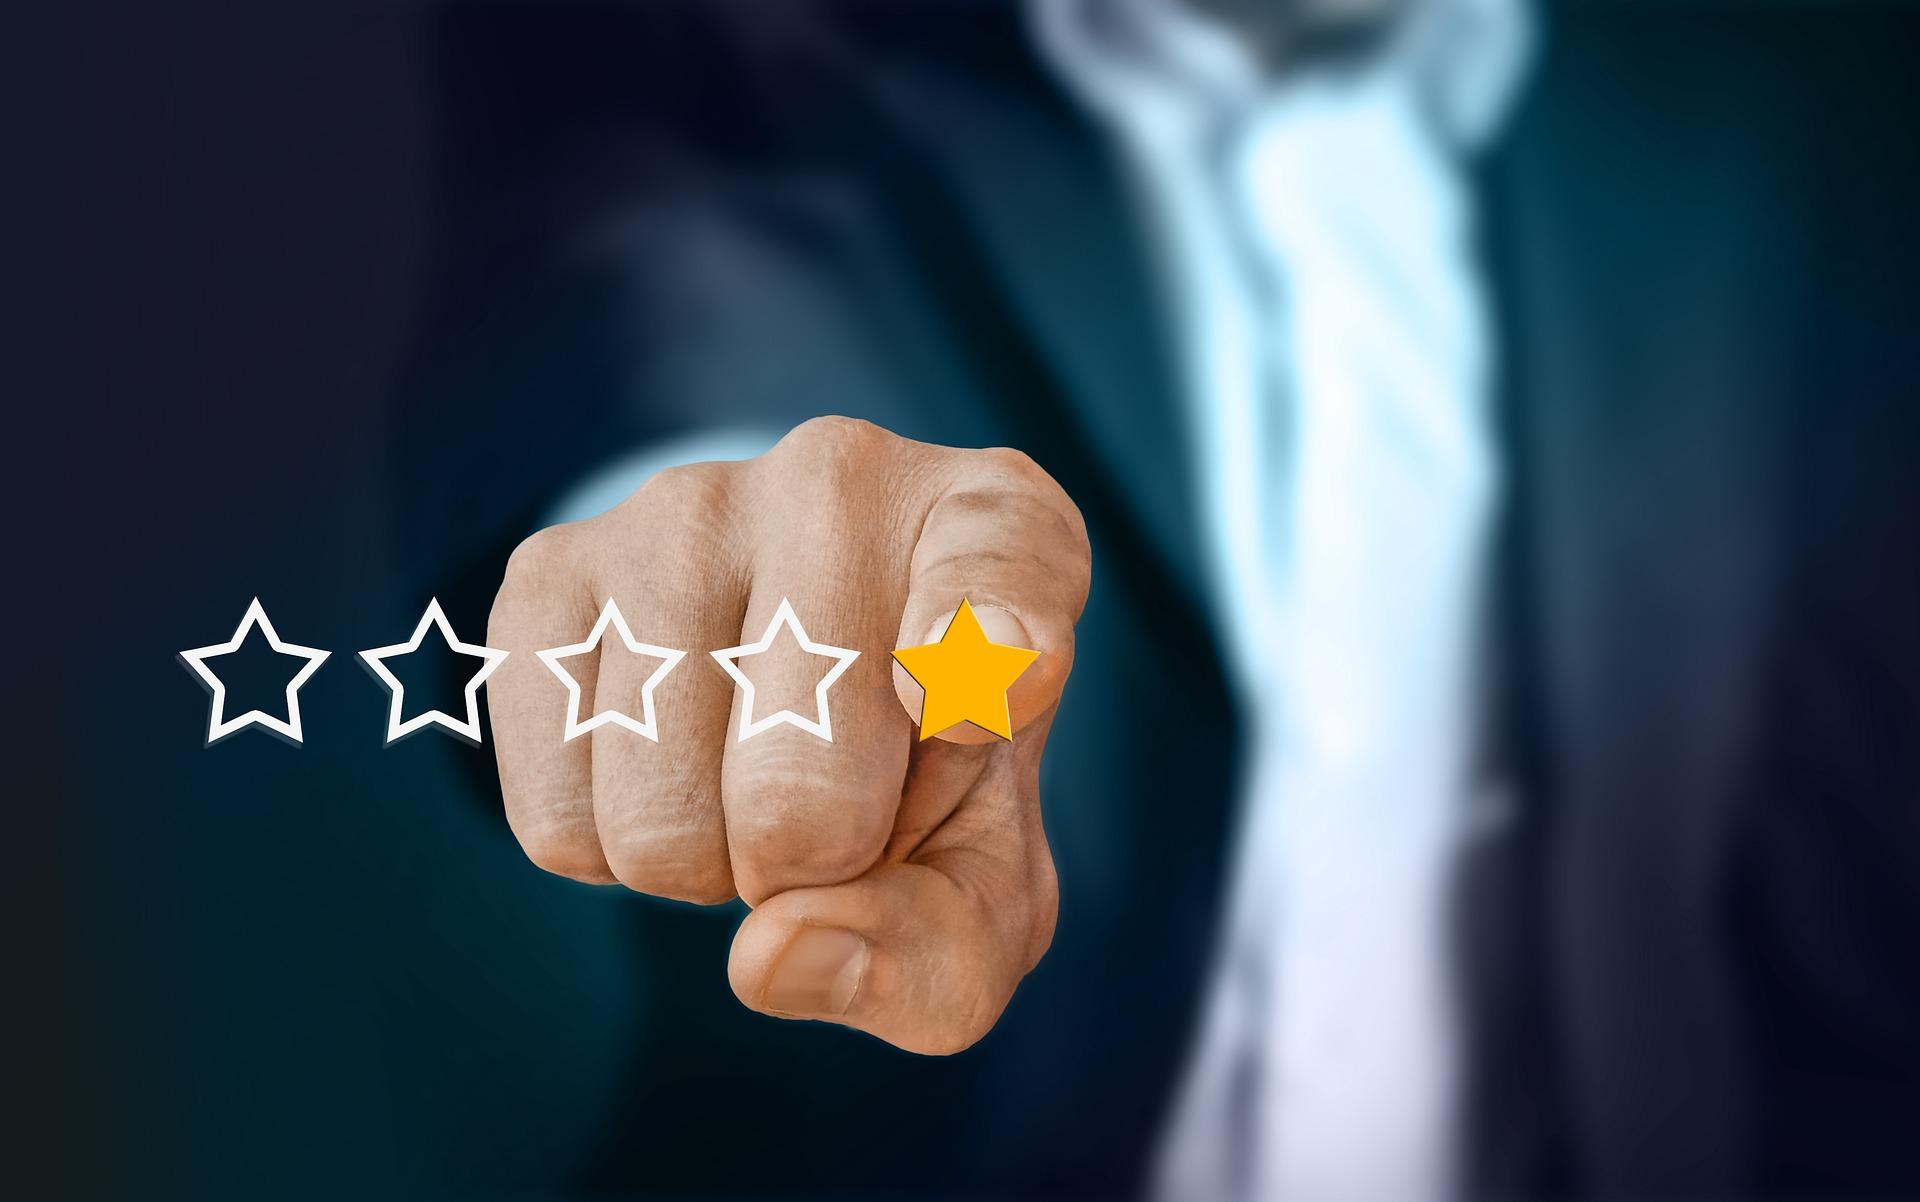 Sterne-Bewertungen - Wie wirken sie auf Kunden?